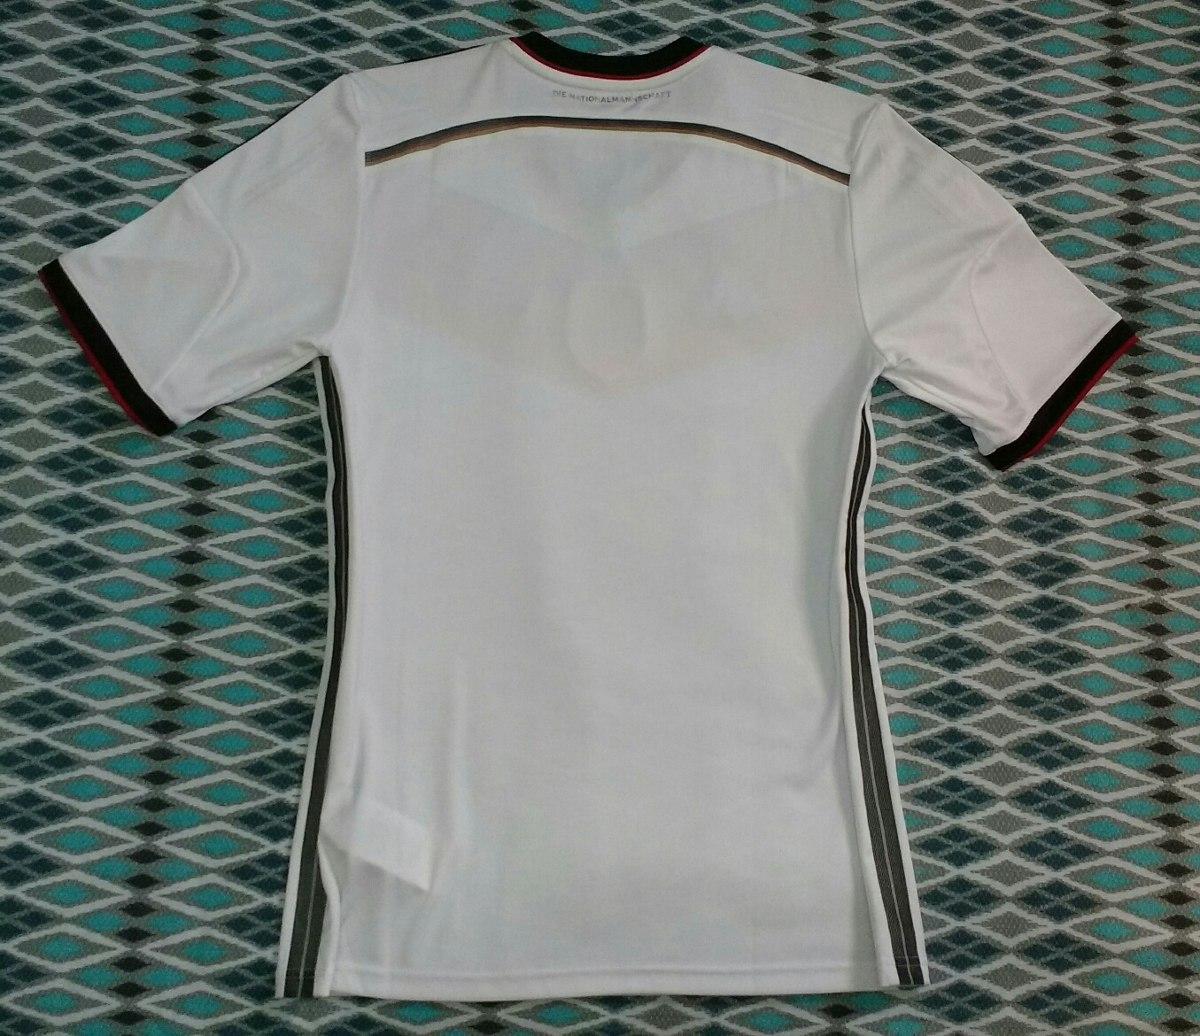 3cade22fda camisa adidas alemanha 2014 home torcedor. Carregando zoom.